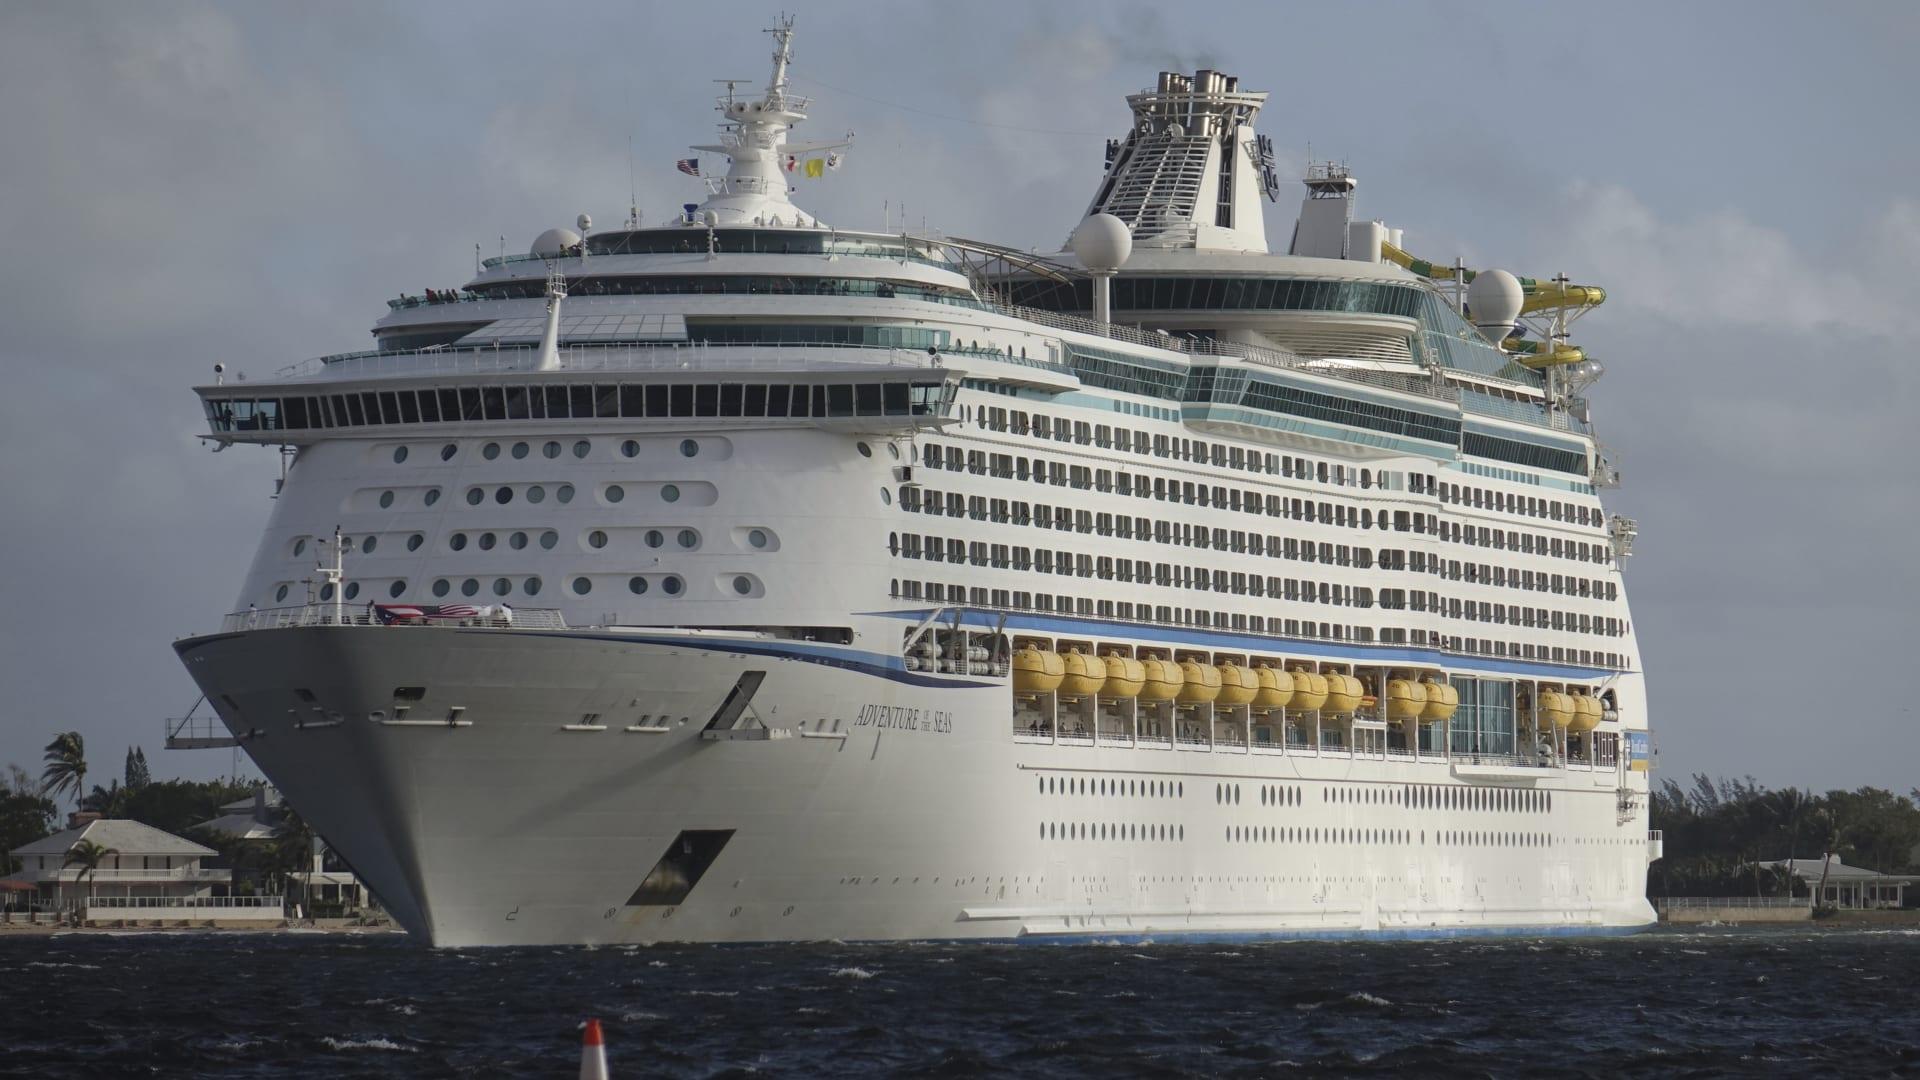 بينهم 4 ملقحين..ثبوت إصابة 6 ركاب بفيروس كورونا على متن سفينة سياحية